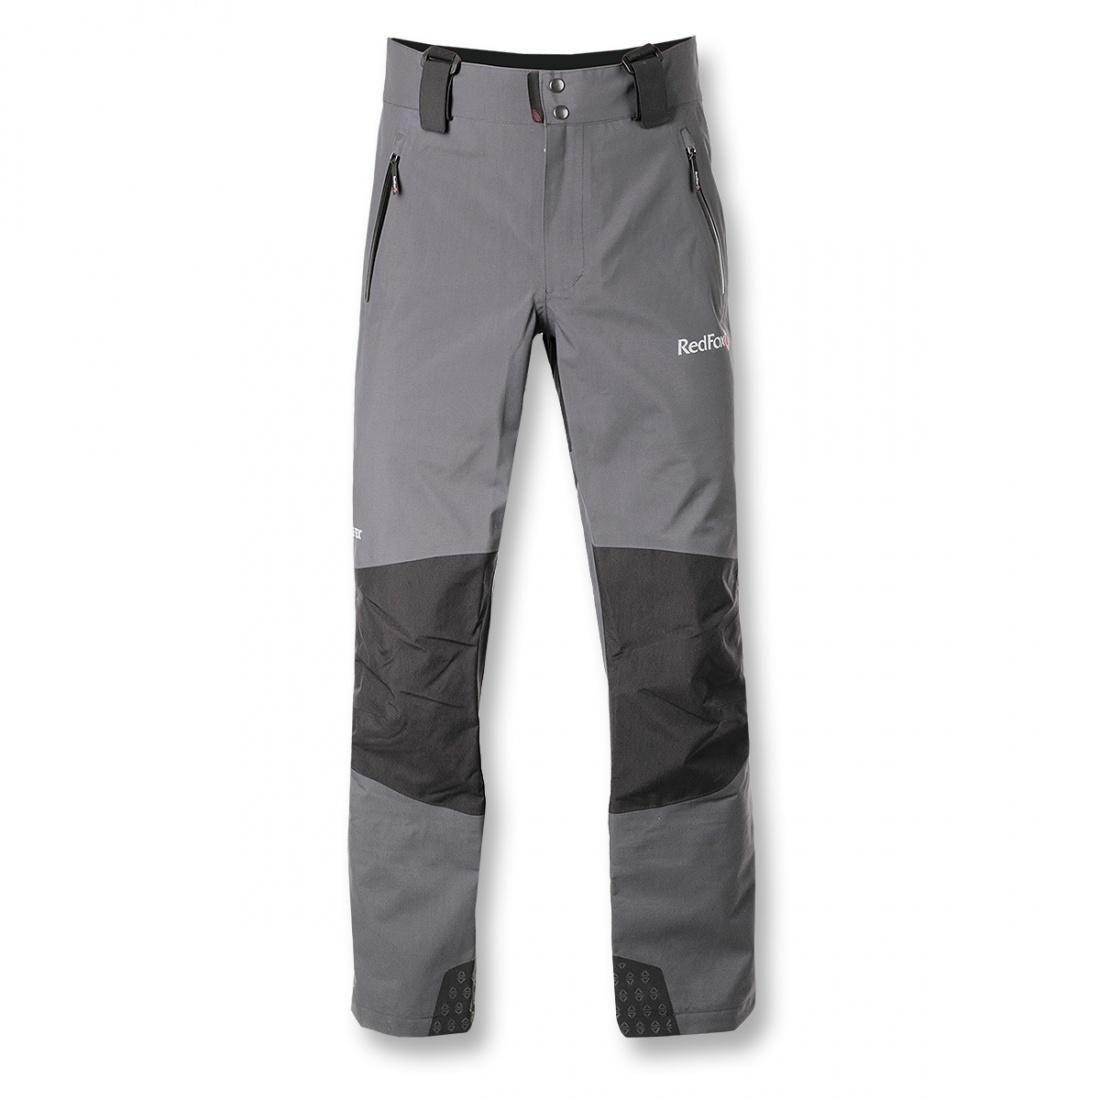 Брюки ветрозащитные X5 GTXБрюки, штаны<br>Экспедиционные мужские штормовые брюки-самосбросы для альпинизма. Штормовые брюки из серии Pro Line идут в комплекте с курткой...<br><br>Цвет: Серый<br>Размер: 60